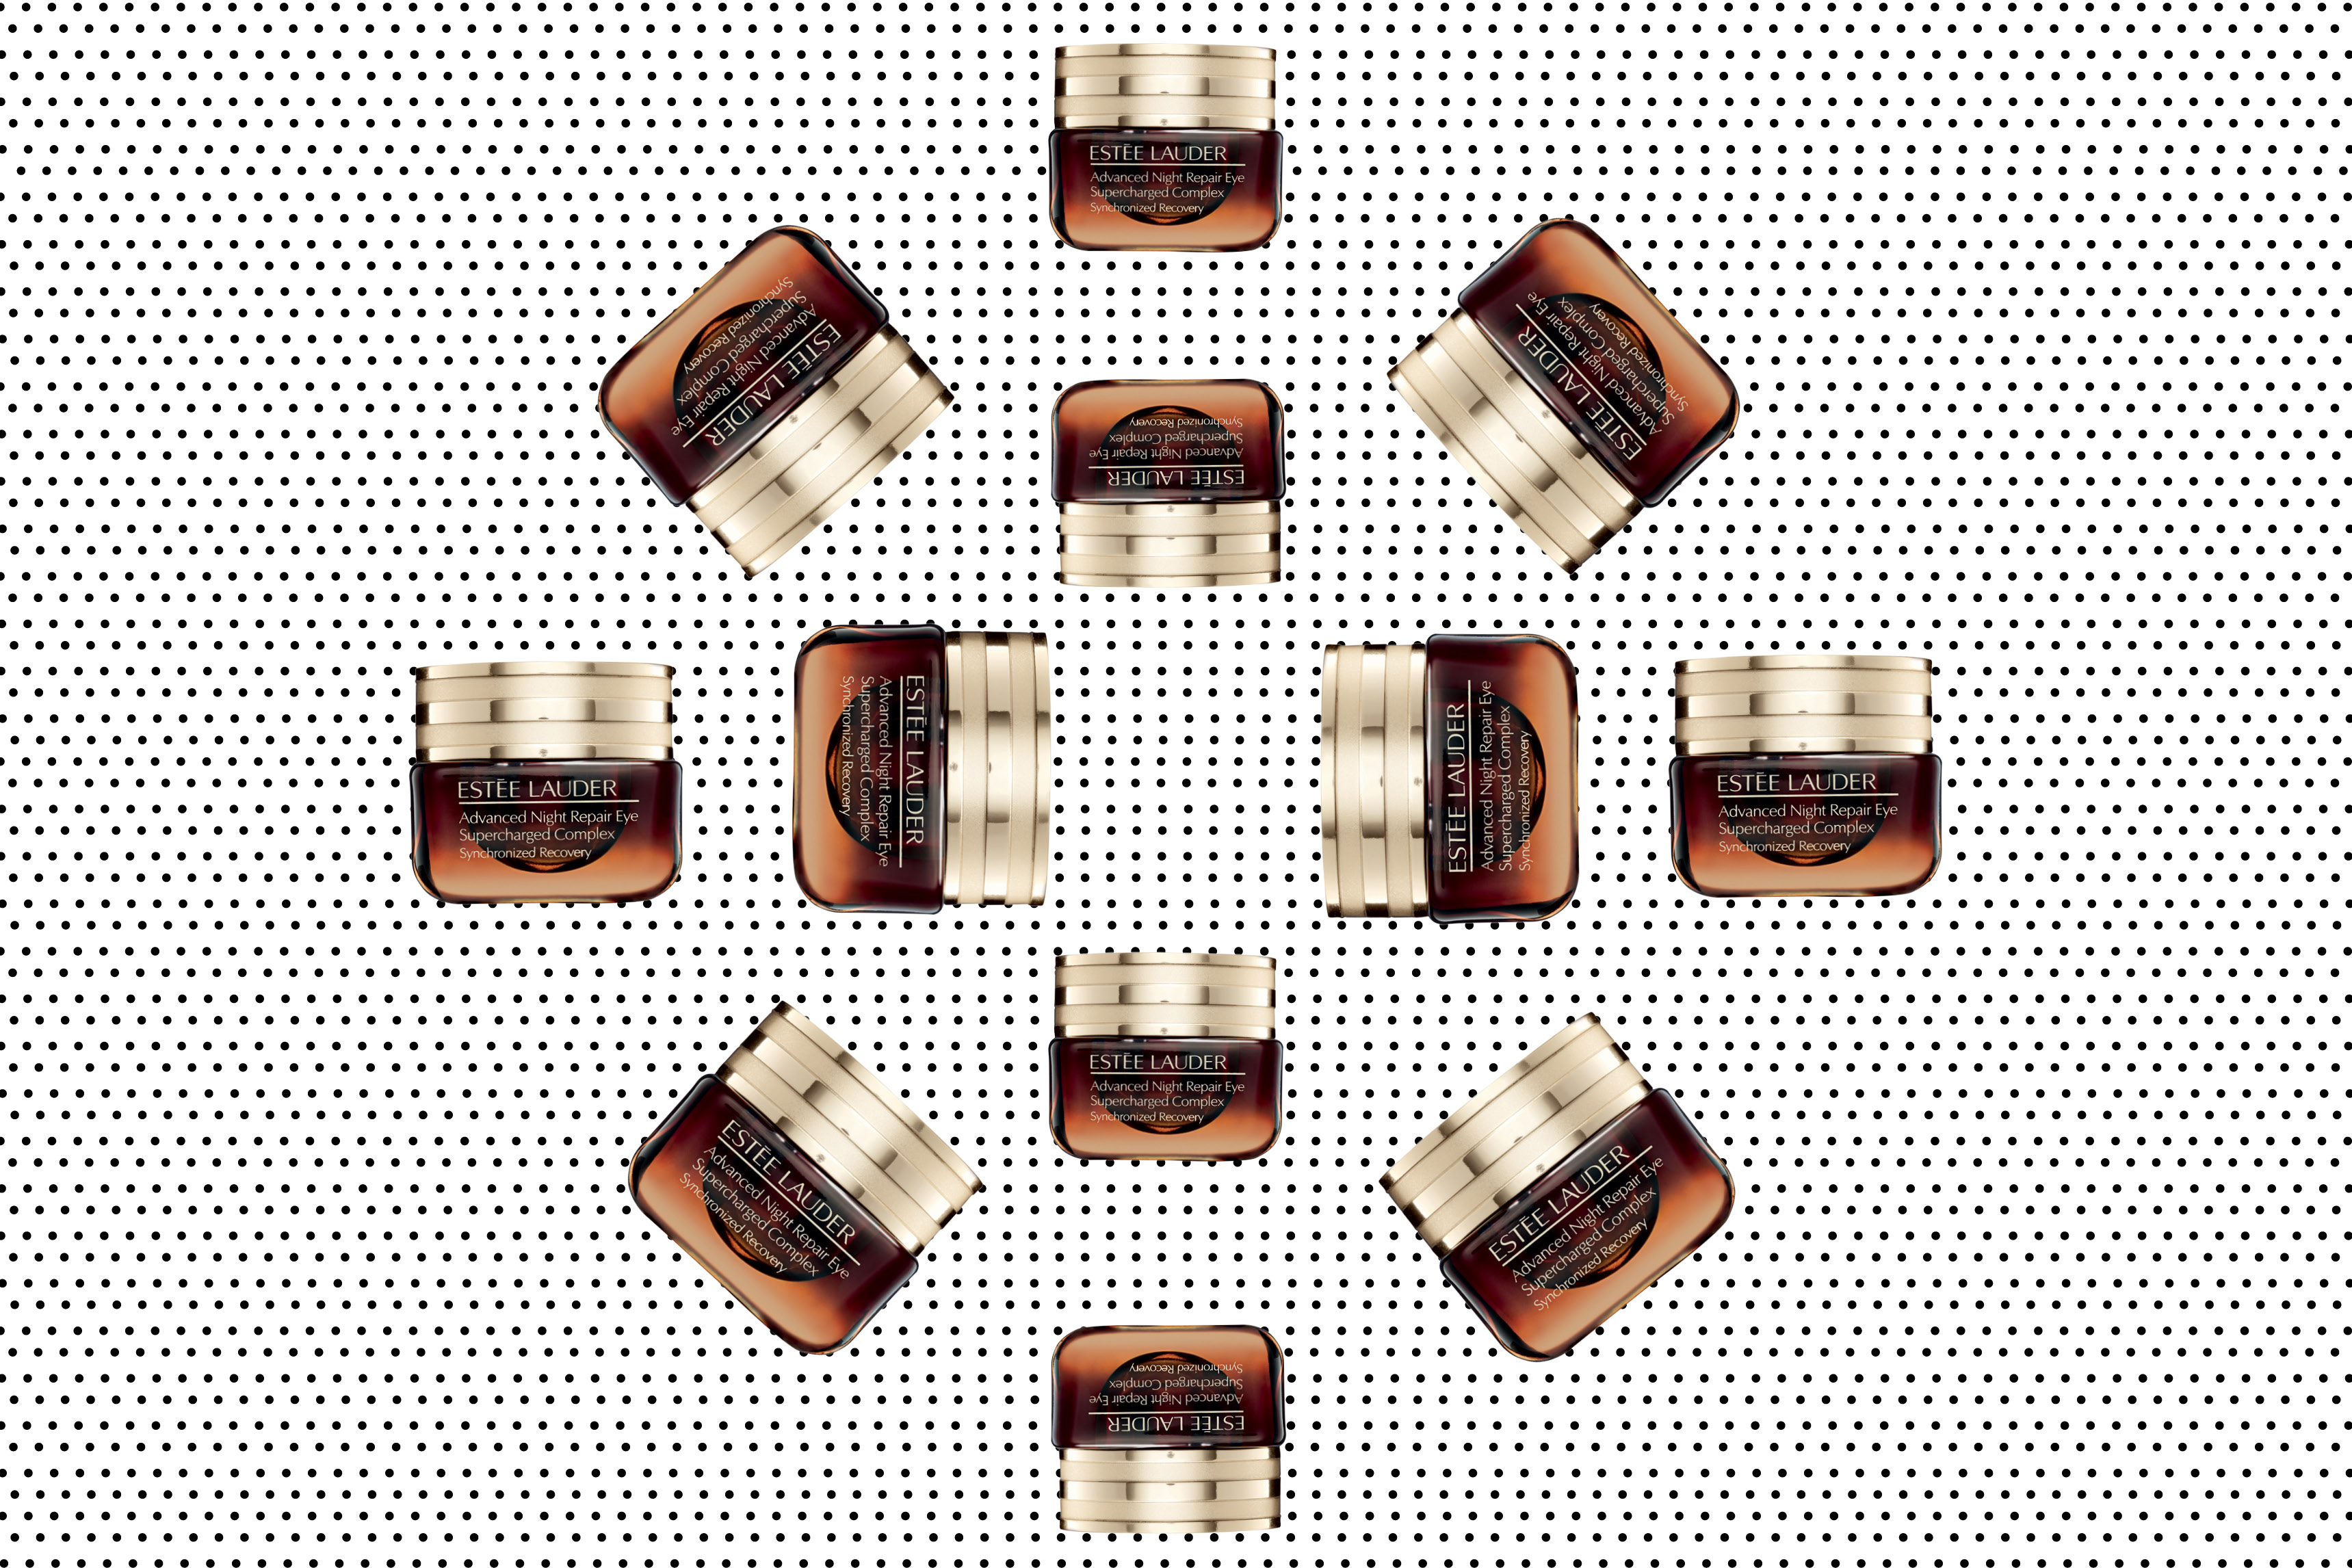 9c0975ed-f9e3-48cb-9d78-d1933852b1ed-l-oreal-1-jpg